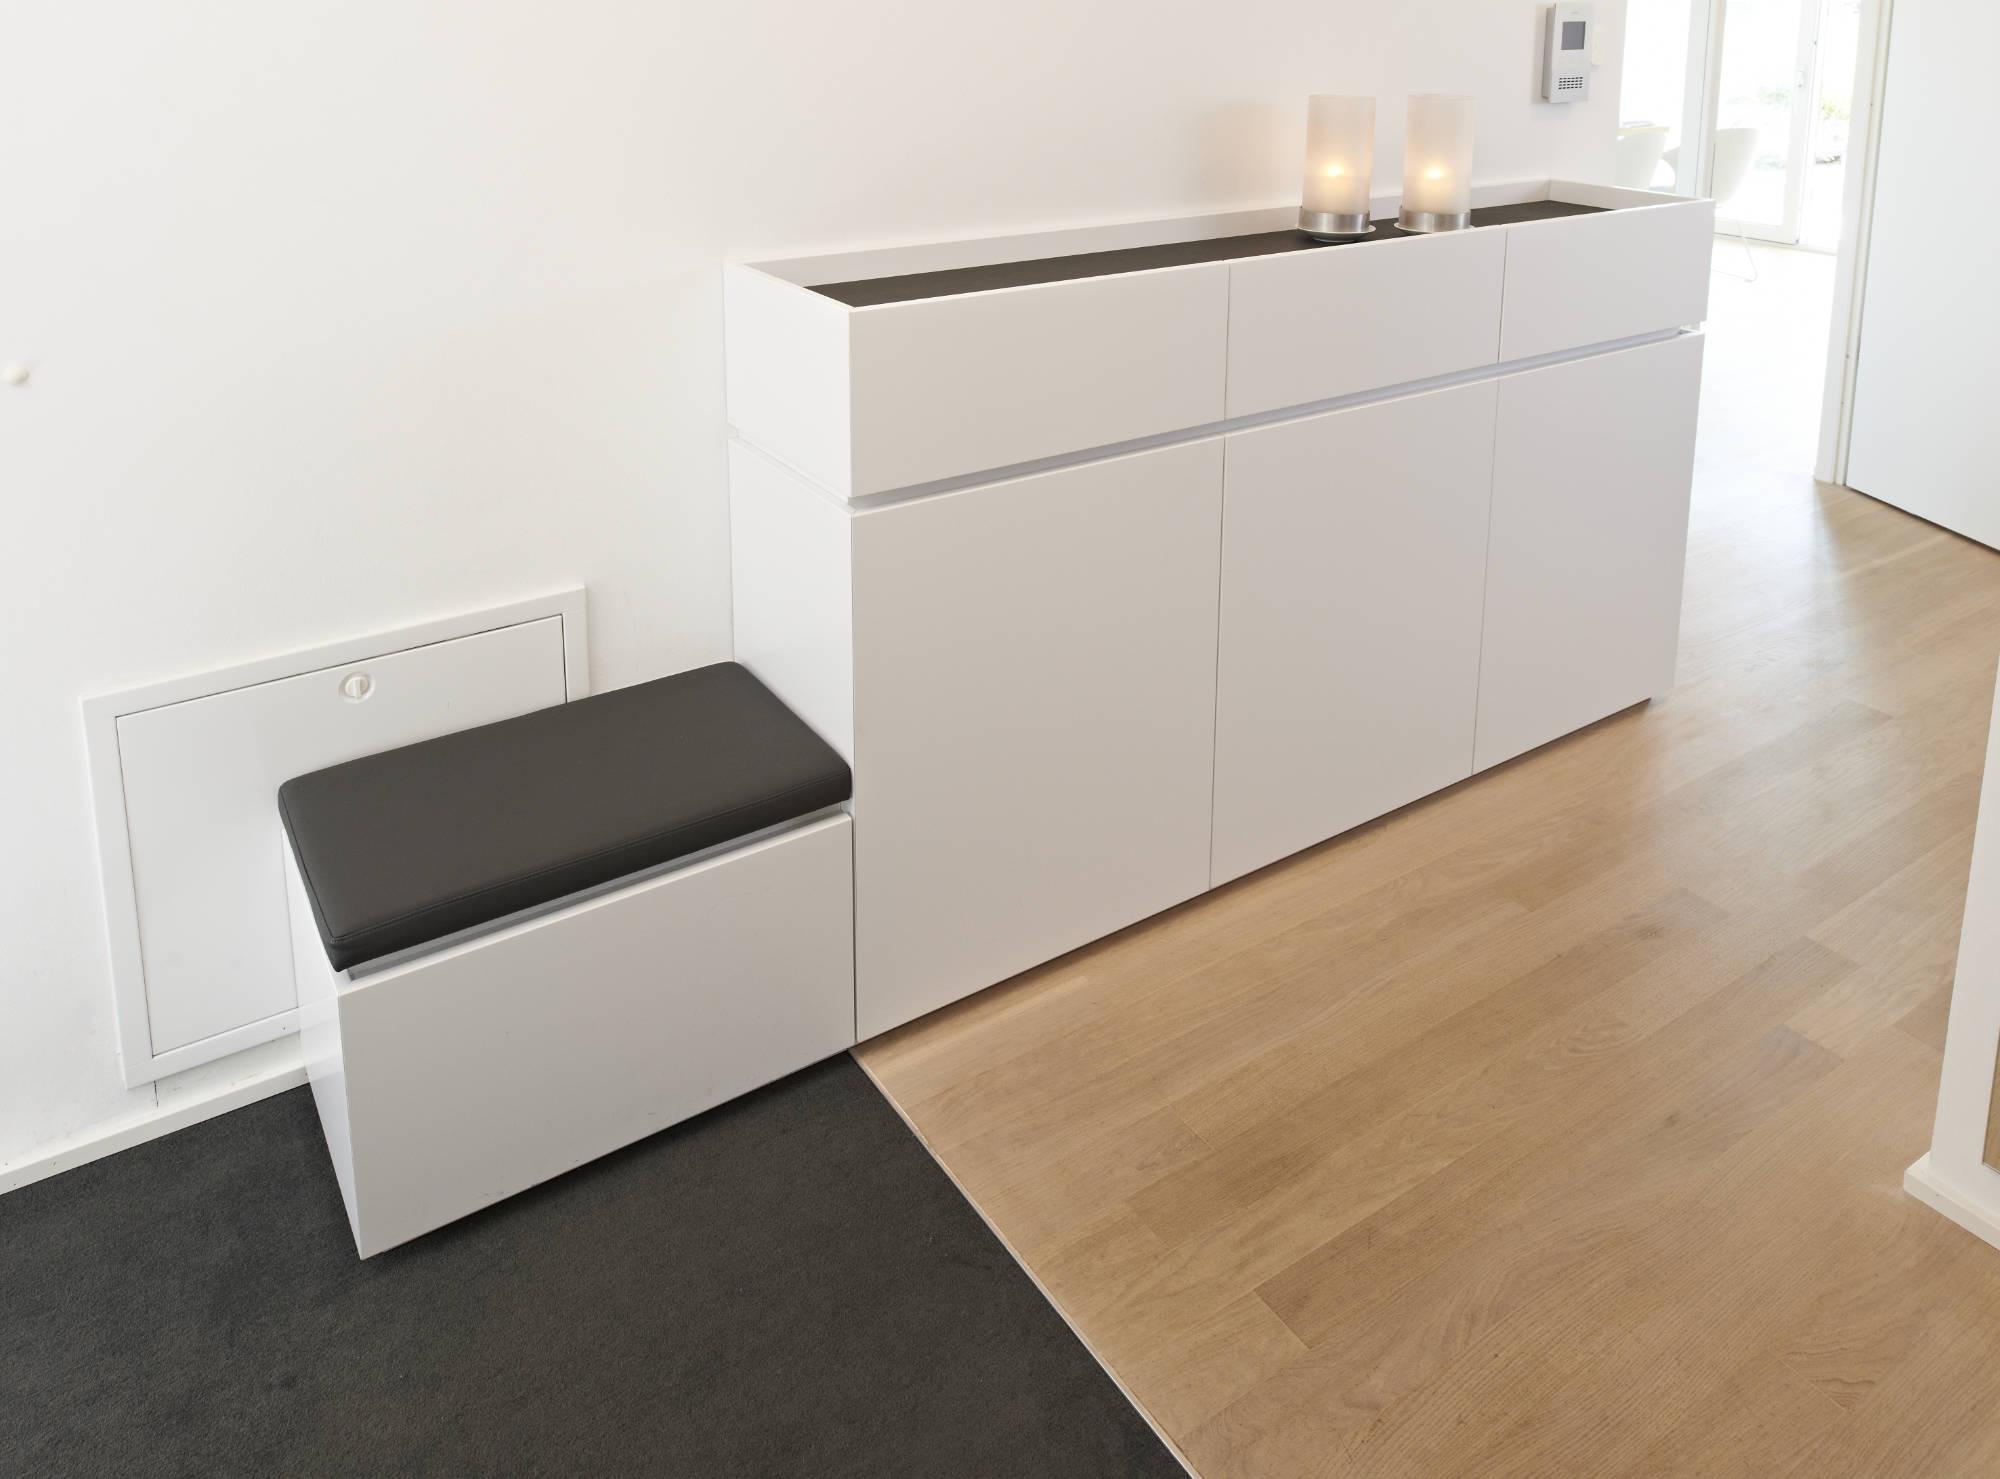 flur 3 m bel b hler schorndorf. Black Bedroom Furniture Sets. Home Design Ideas